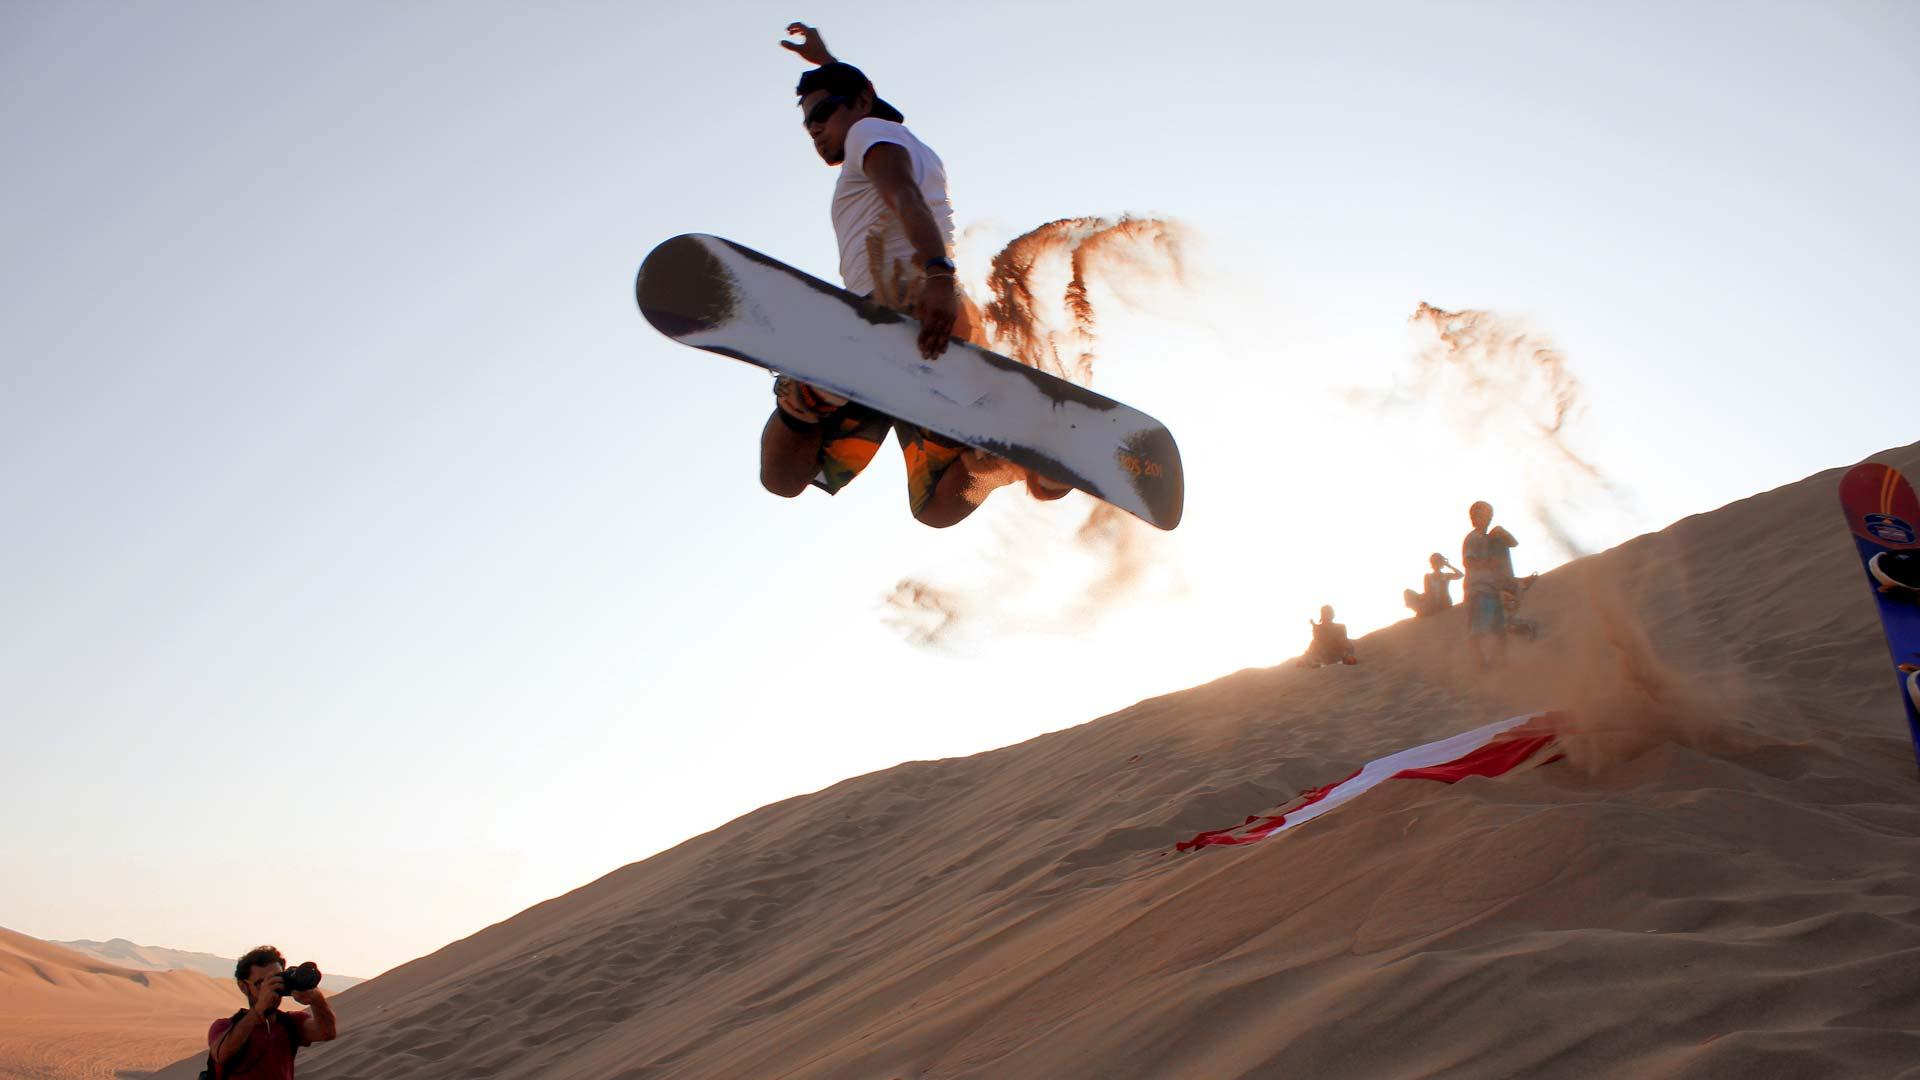 actividades, deporte, snowboard en el desierto